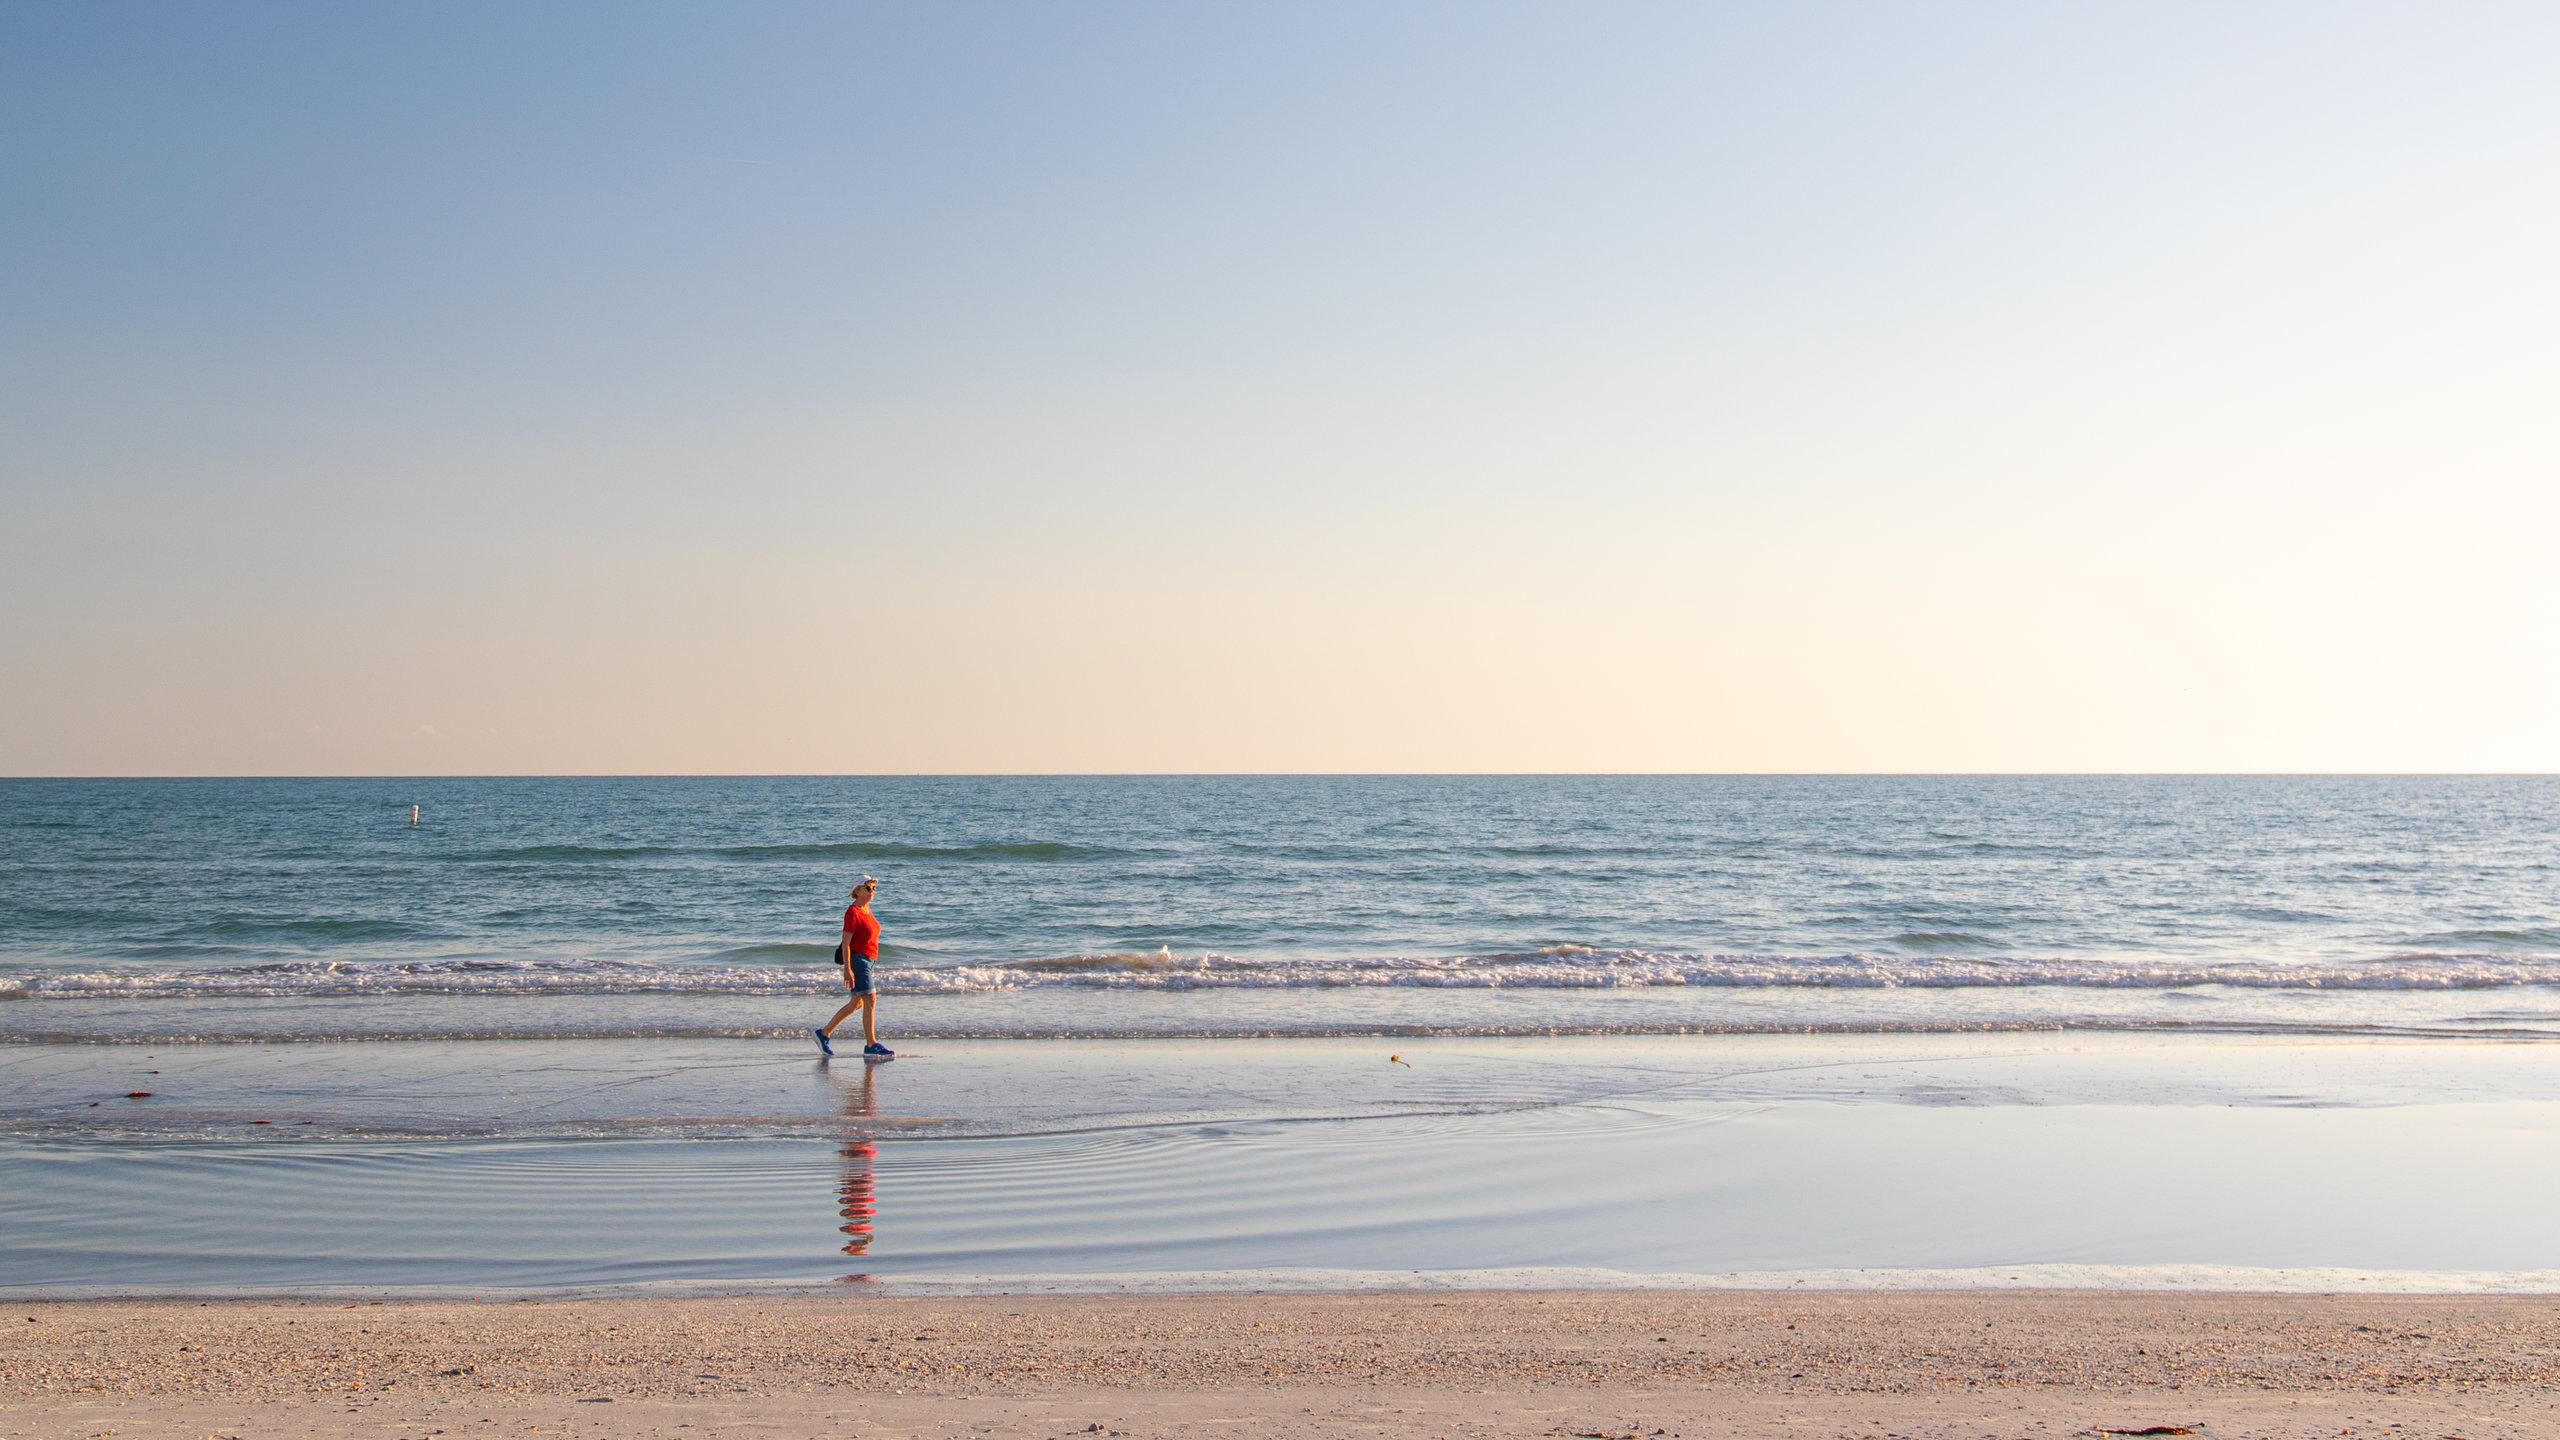 Redington Beach, Florida, USA